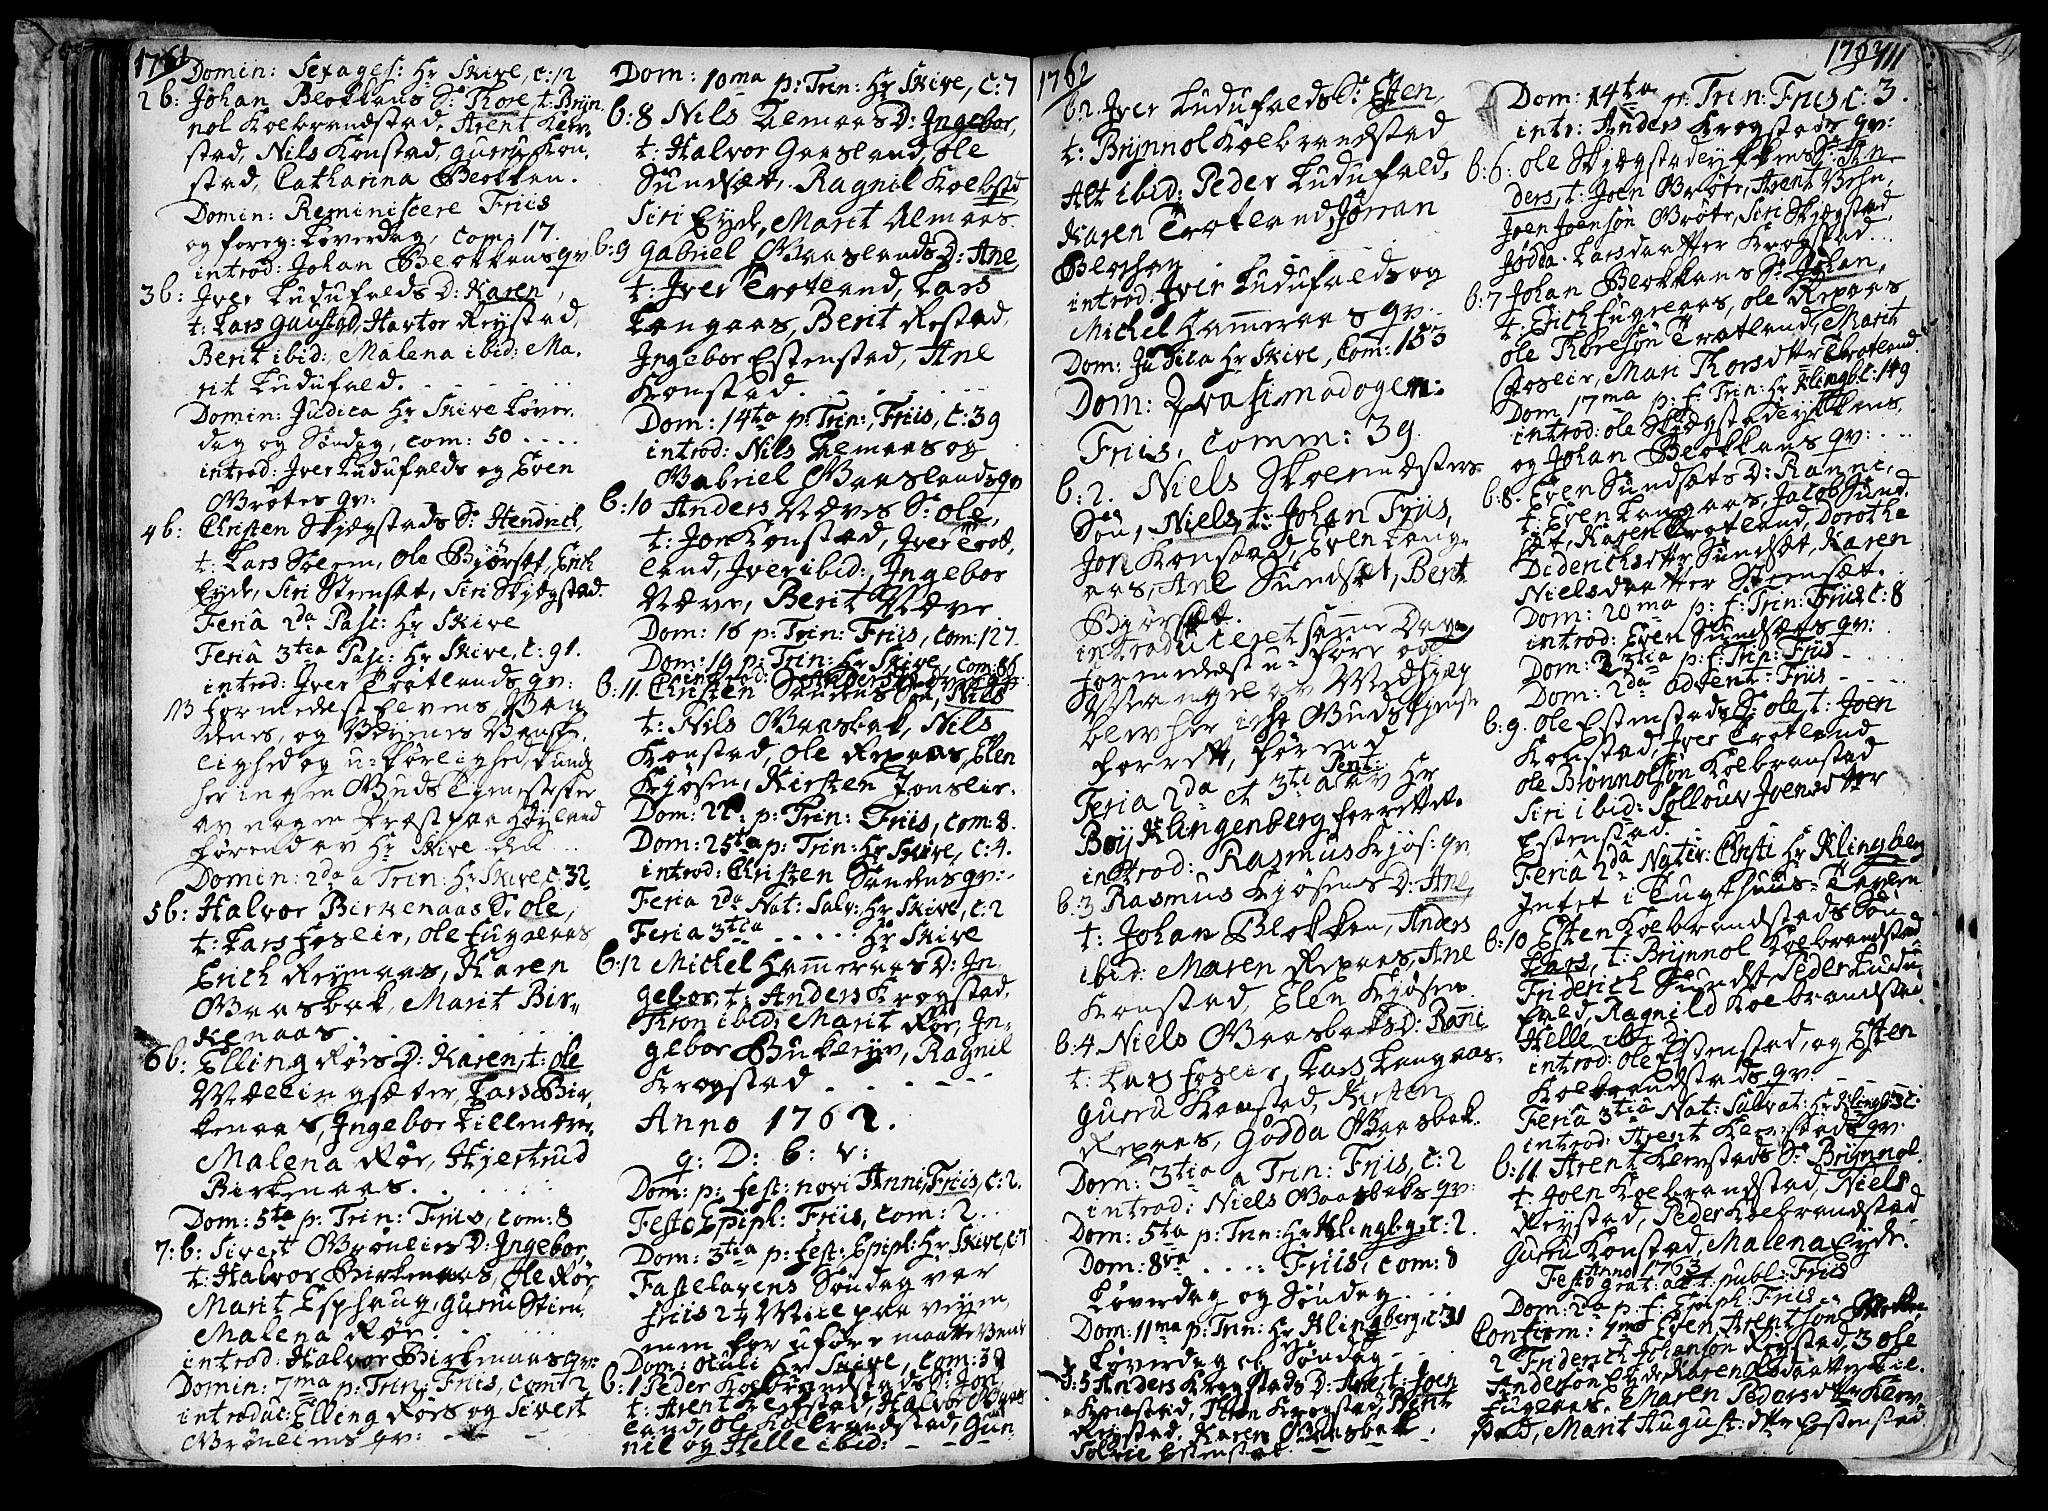 SAT, Ministerialprotokoller, klokkerbøker og fødselsregistre - Sør-Trøndelag, 691/L1060: Ministerialbok nr. 691A01 /4, 1740-1767, s. 111